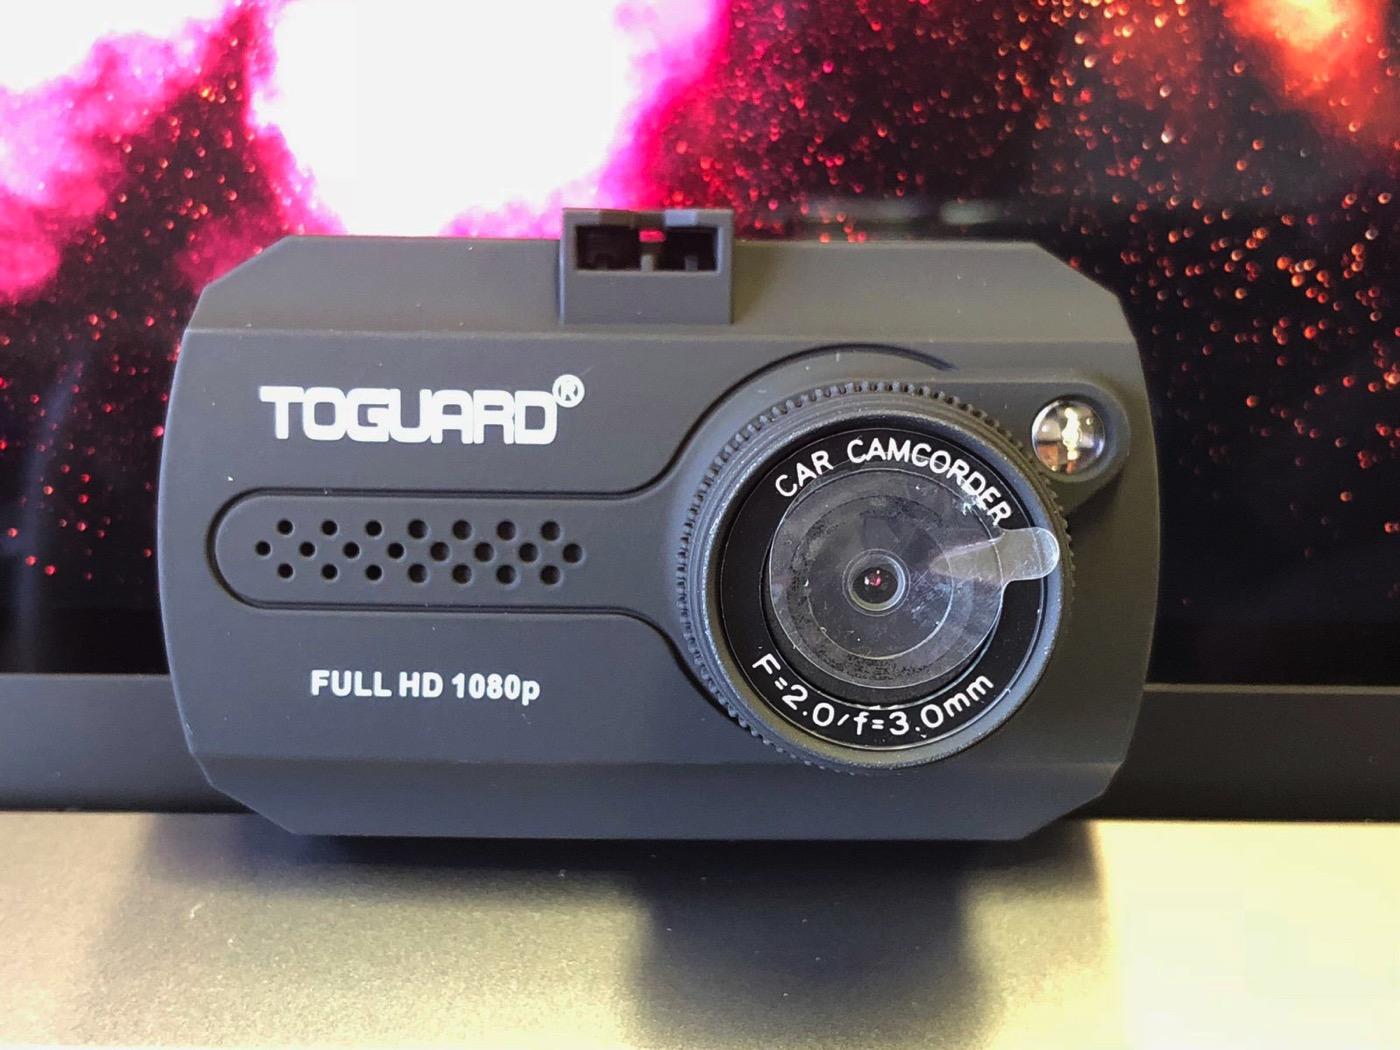 Toguard ドライブレコーダー ドラレコ 1080P フルHD 動き検知 常時録画 上書き録画 Gセンサー搭載 16Gカード付属-3